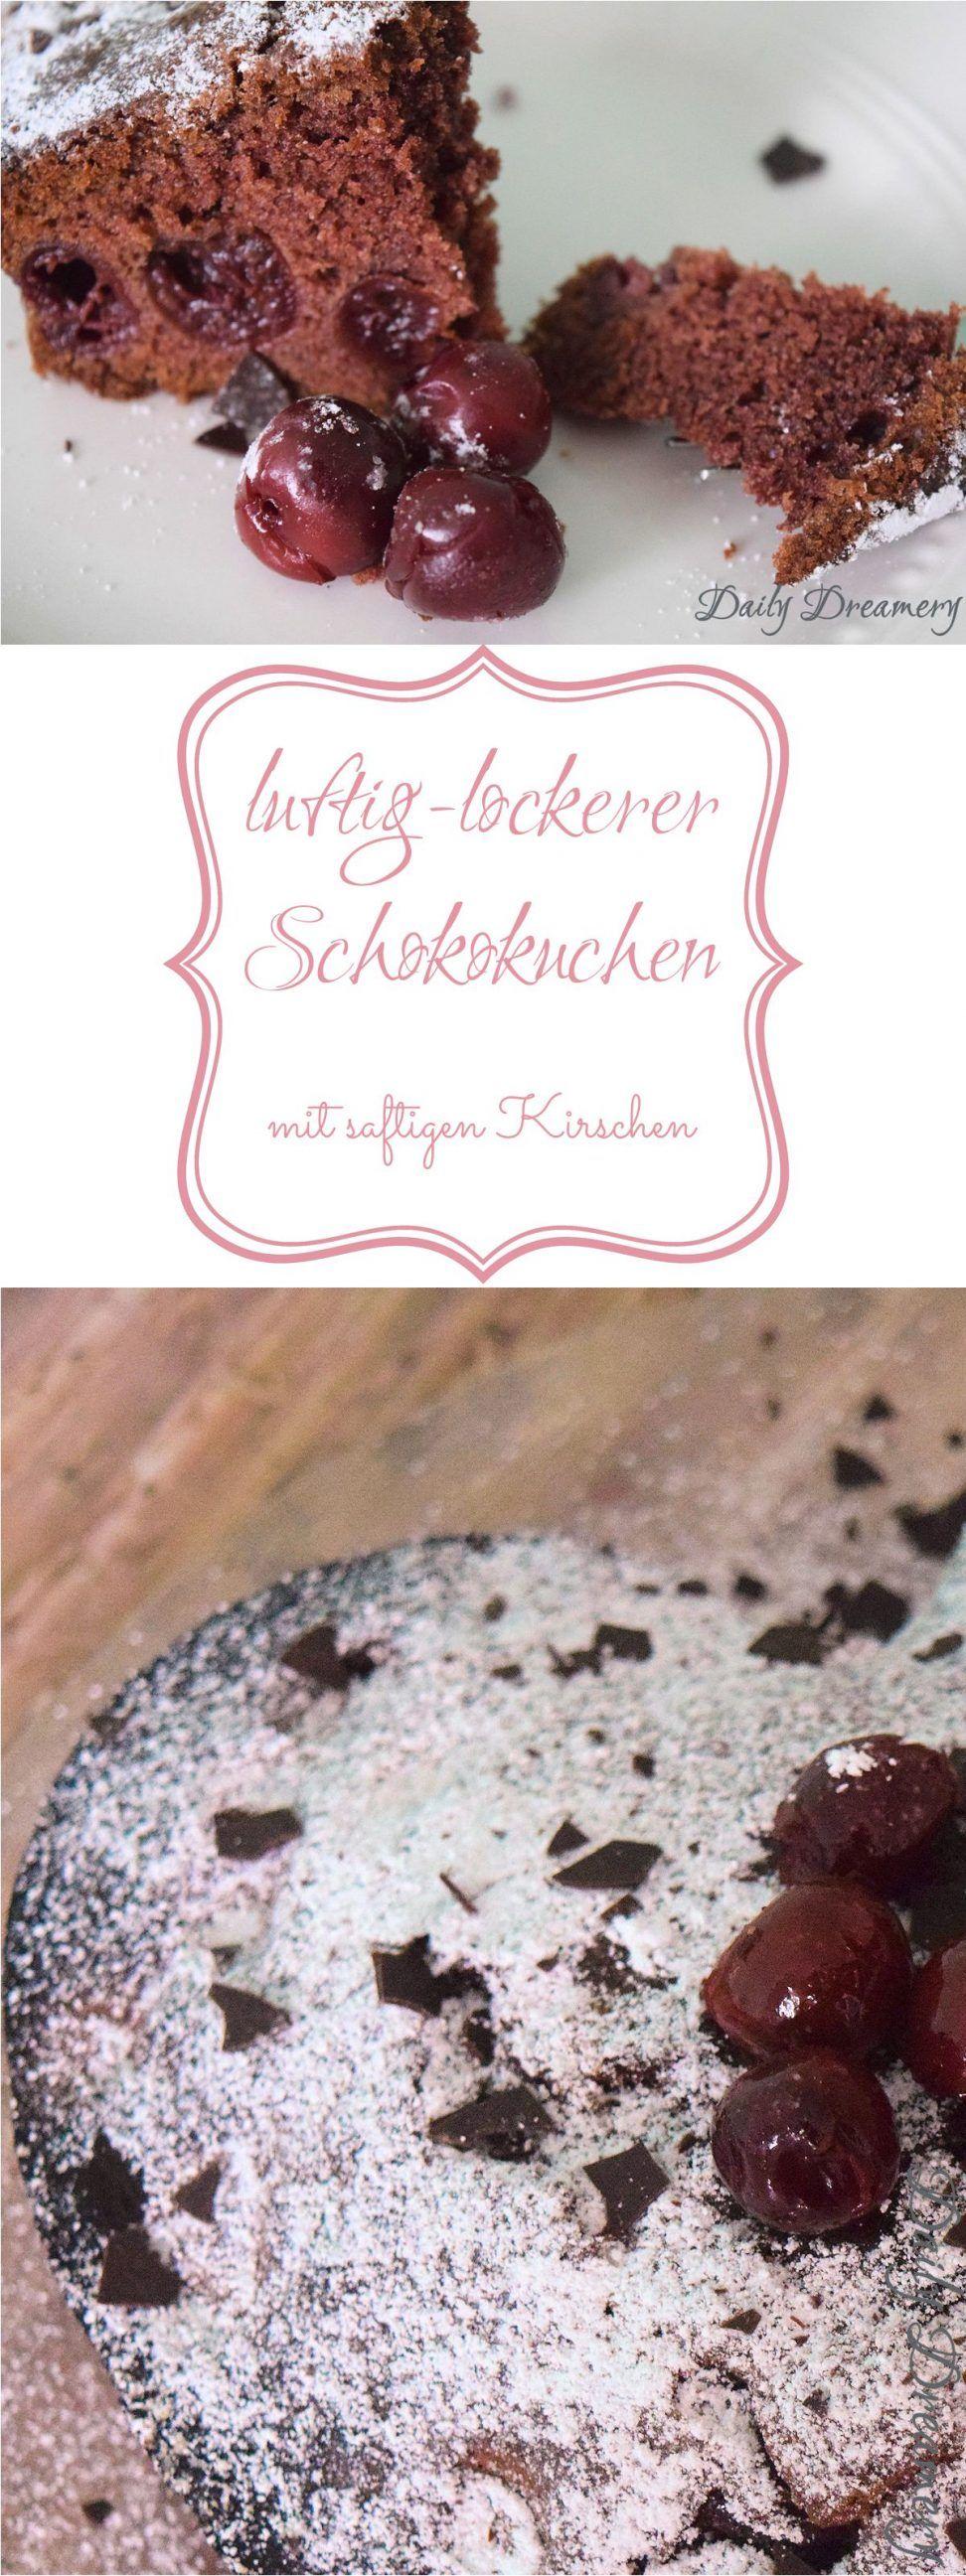 luftig-lockerer und saftiger Schoko-Kirsch-Kuchen – Daily Dreamery